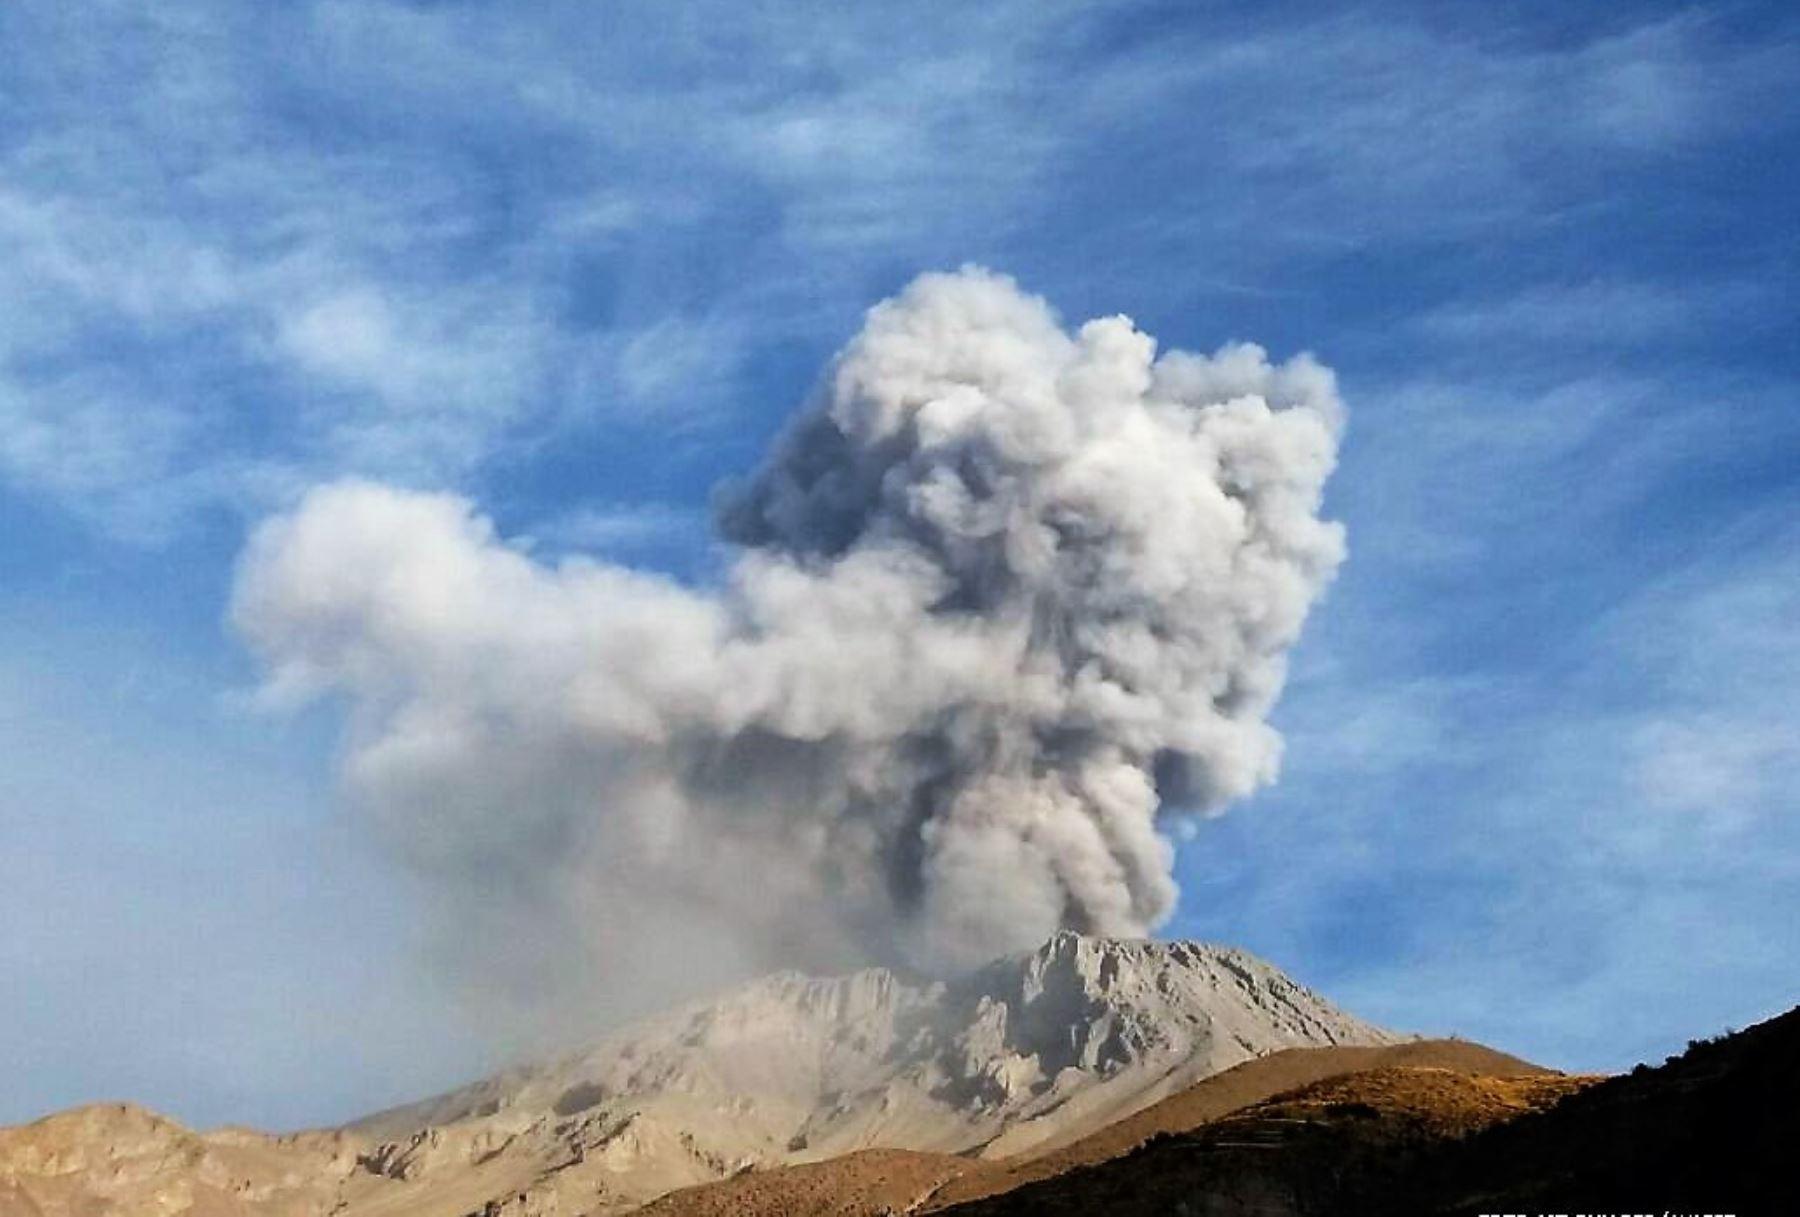 Volcán en erupción deja miles de afectados en Perú y Bolivia